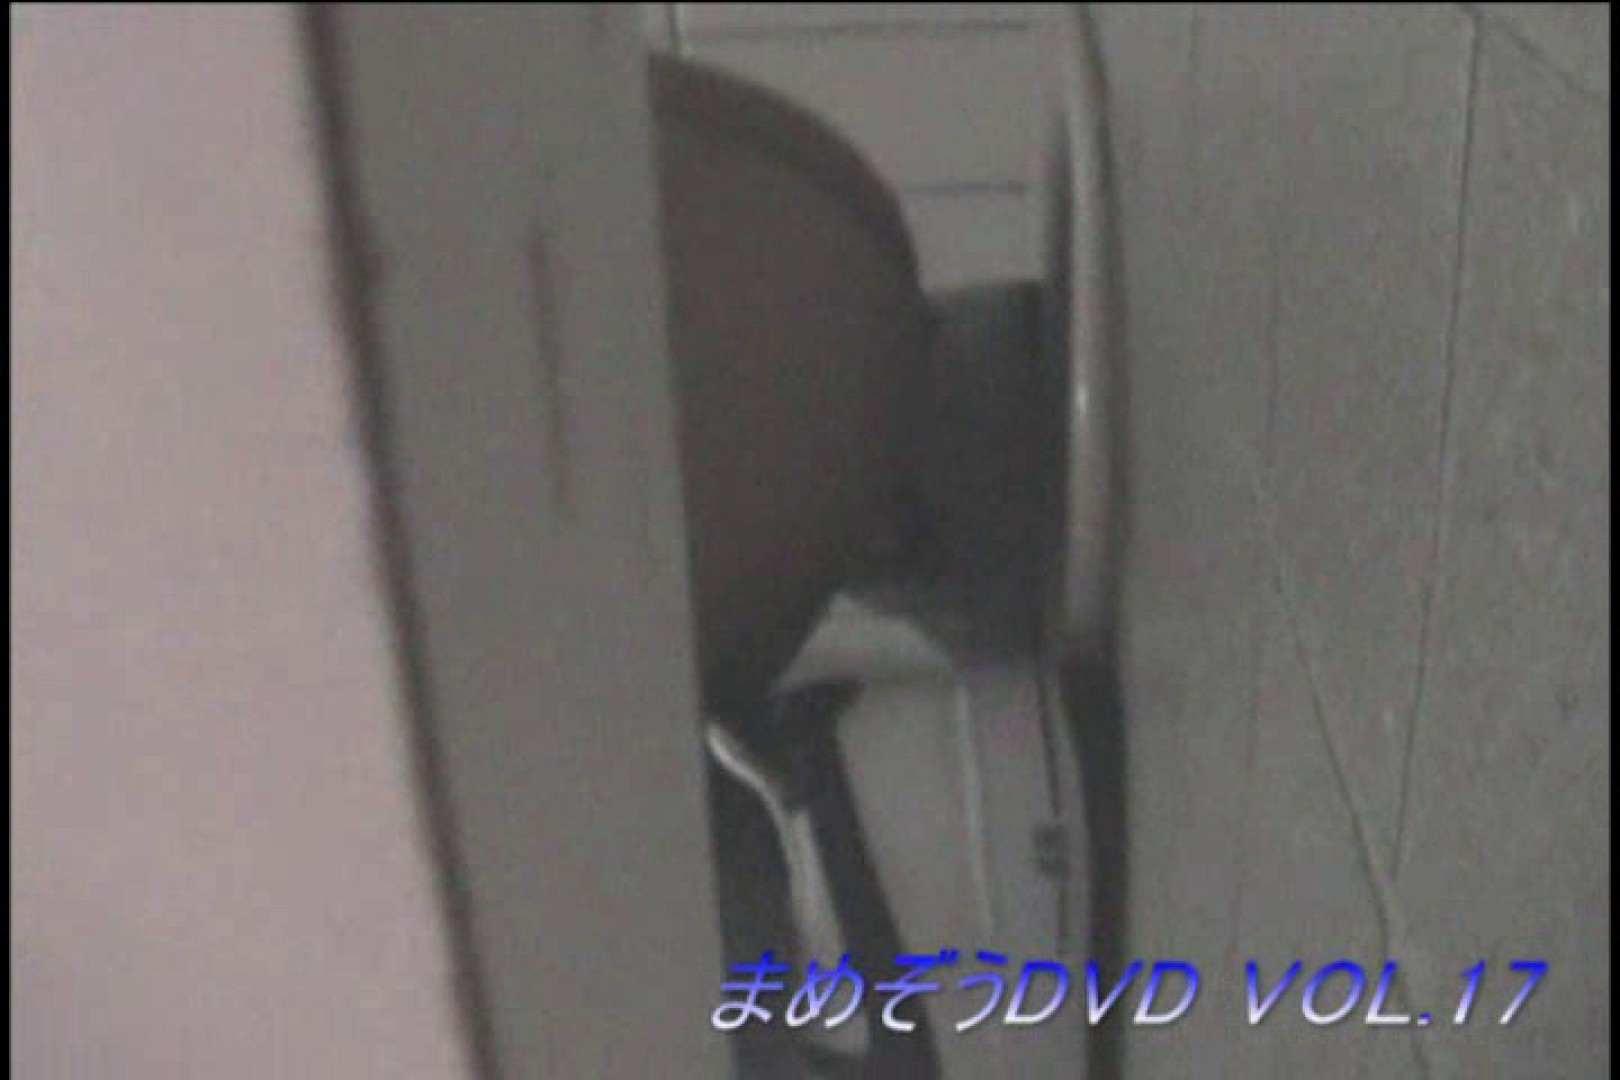 まめぞうDVD完全版VOL.17 洗面所 | ギャル攻め  94画像 15